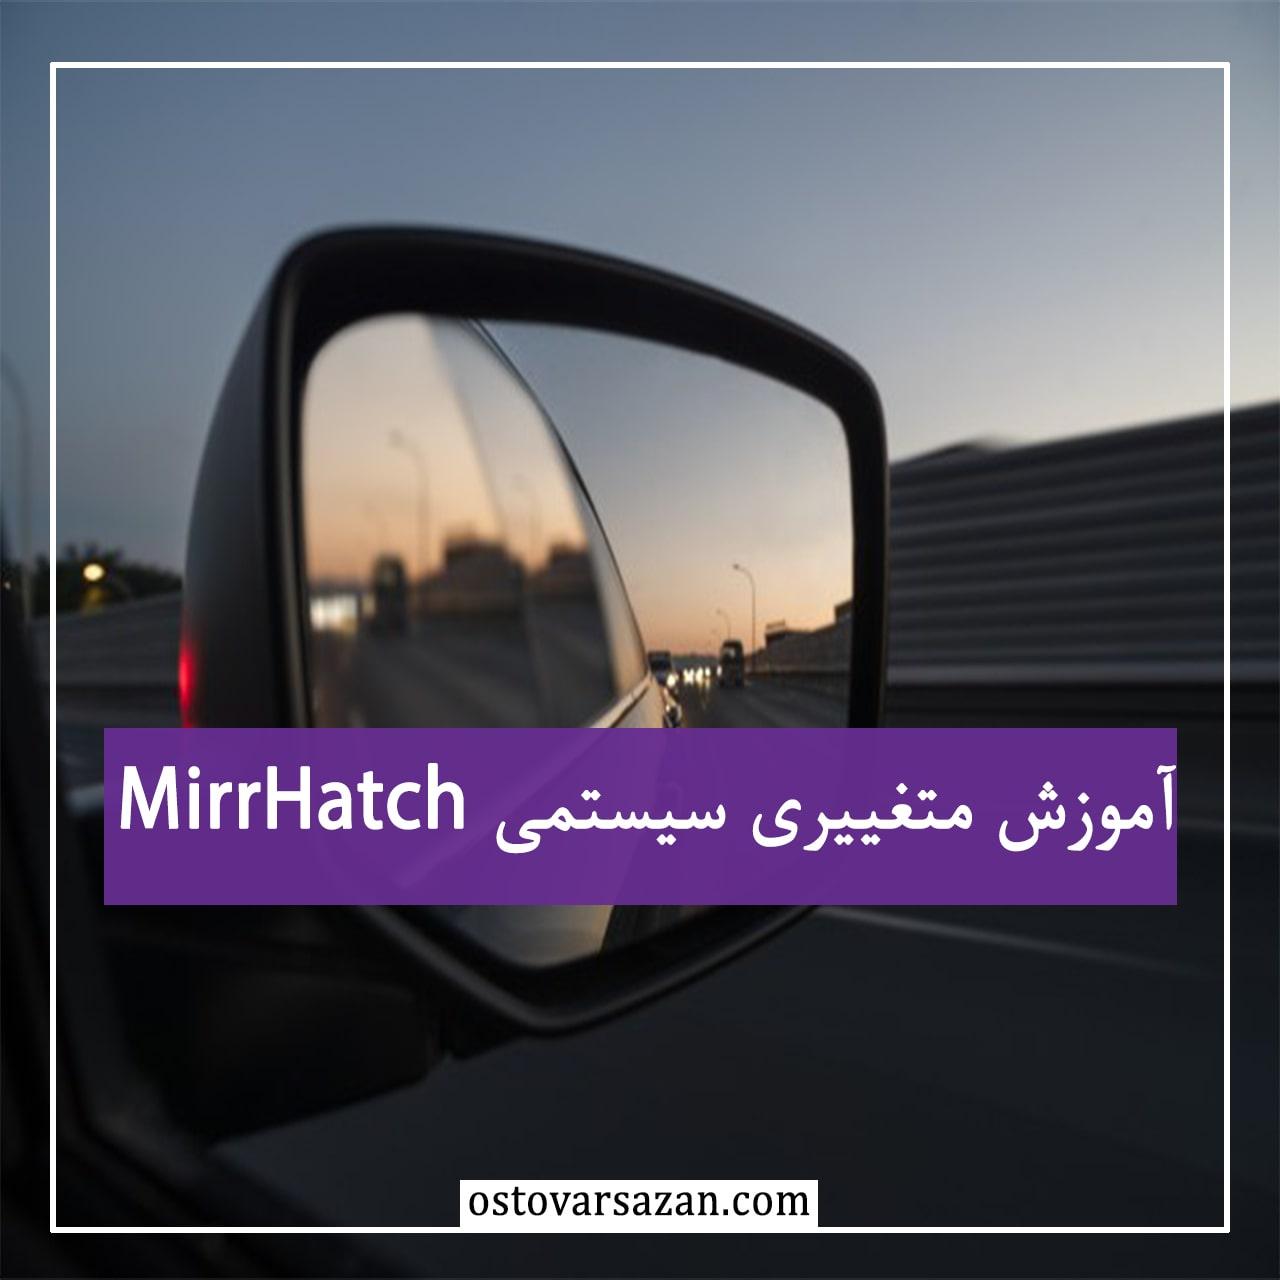 آموزش متغییر MirrHatch